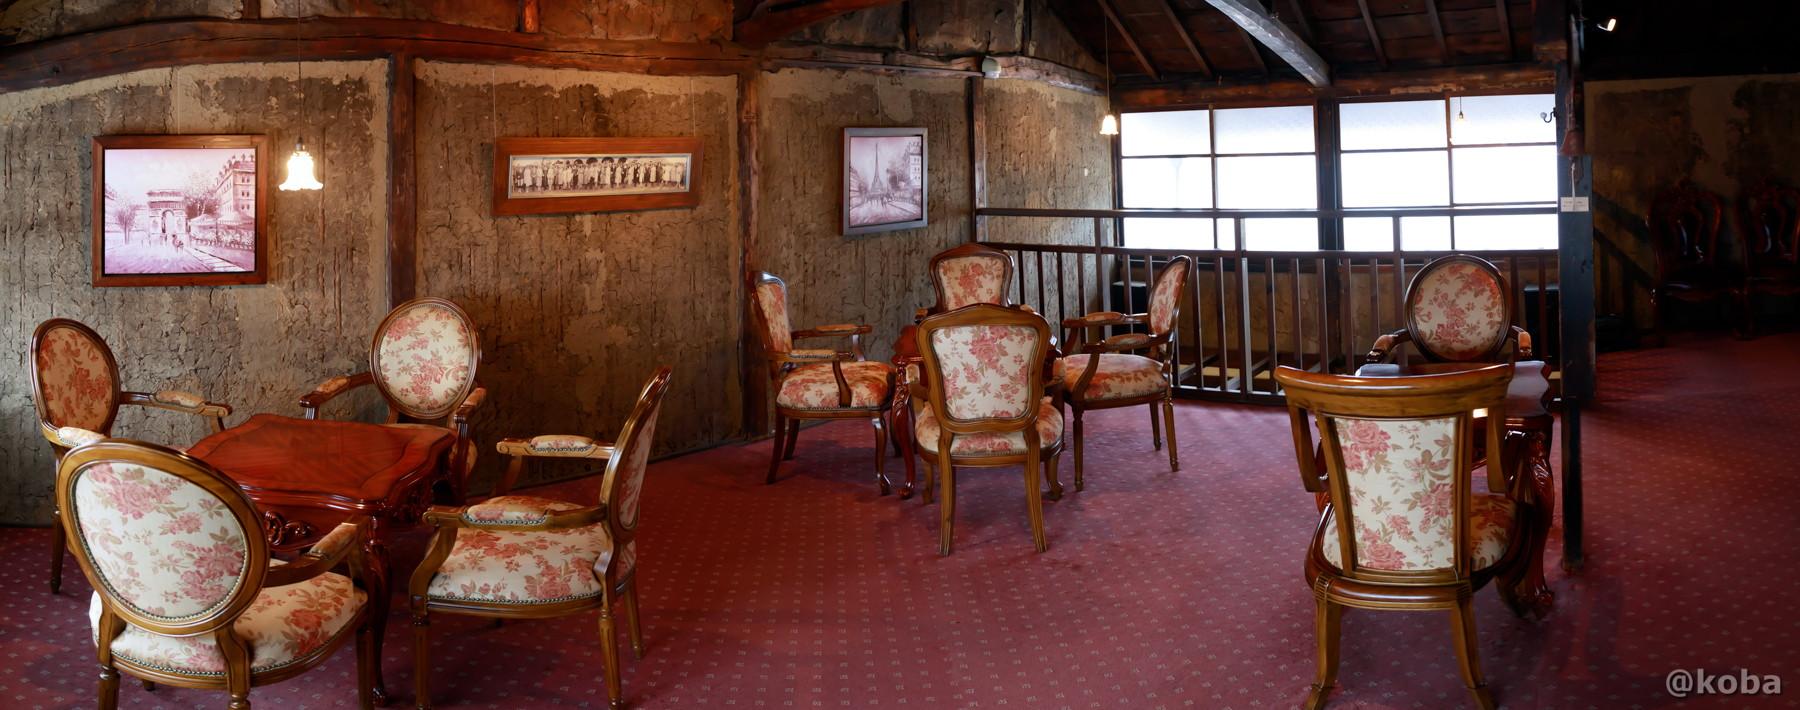 明治8年の古民家 木造土壁とオシャレな家具 パノラマ写真│カフェ・ドローム(CAFE・DROME)│群馬県富岡市